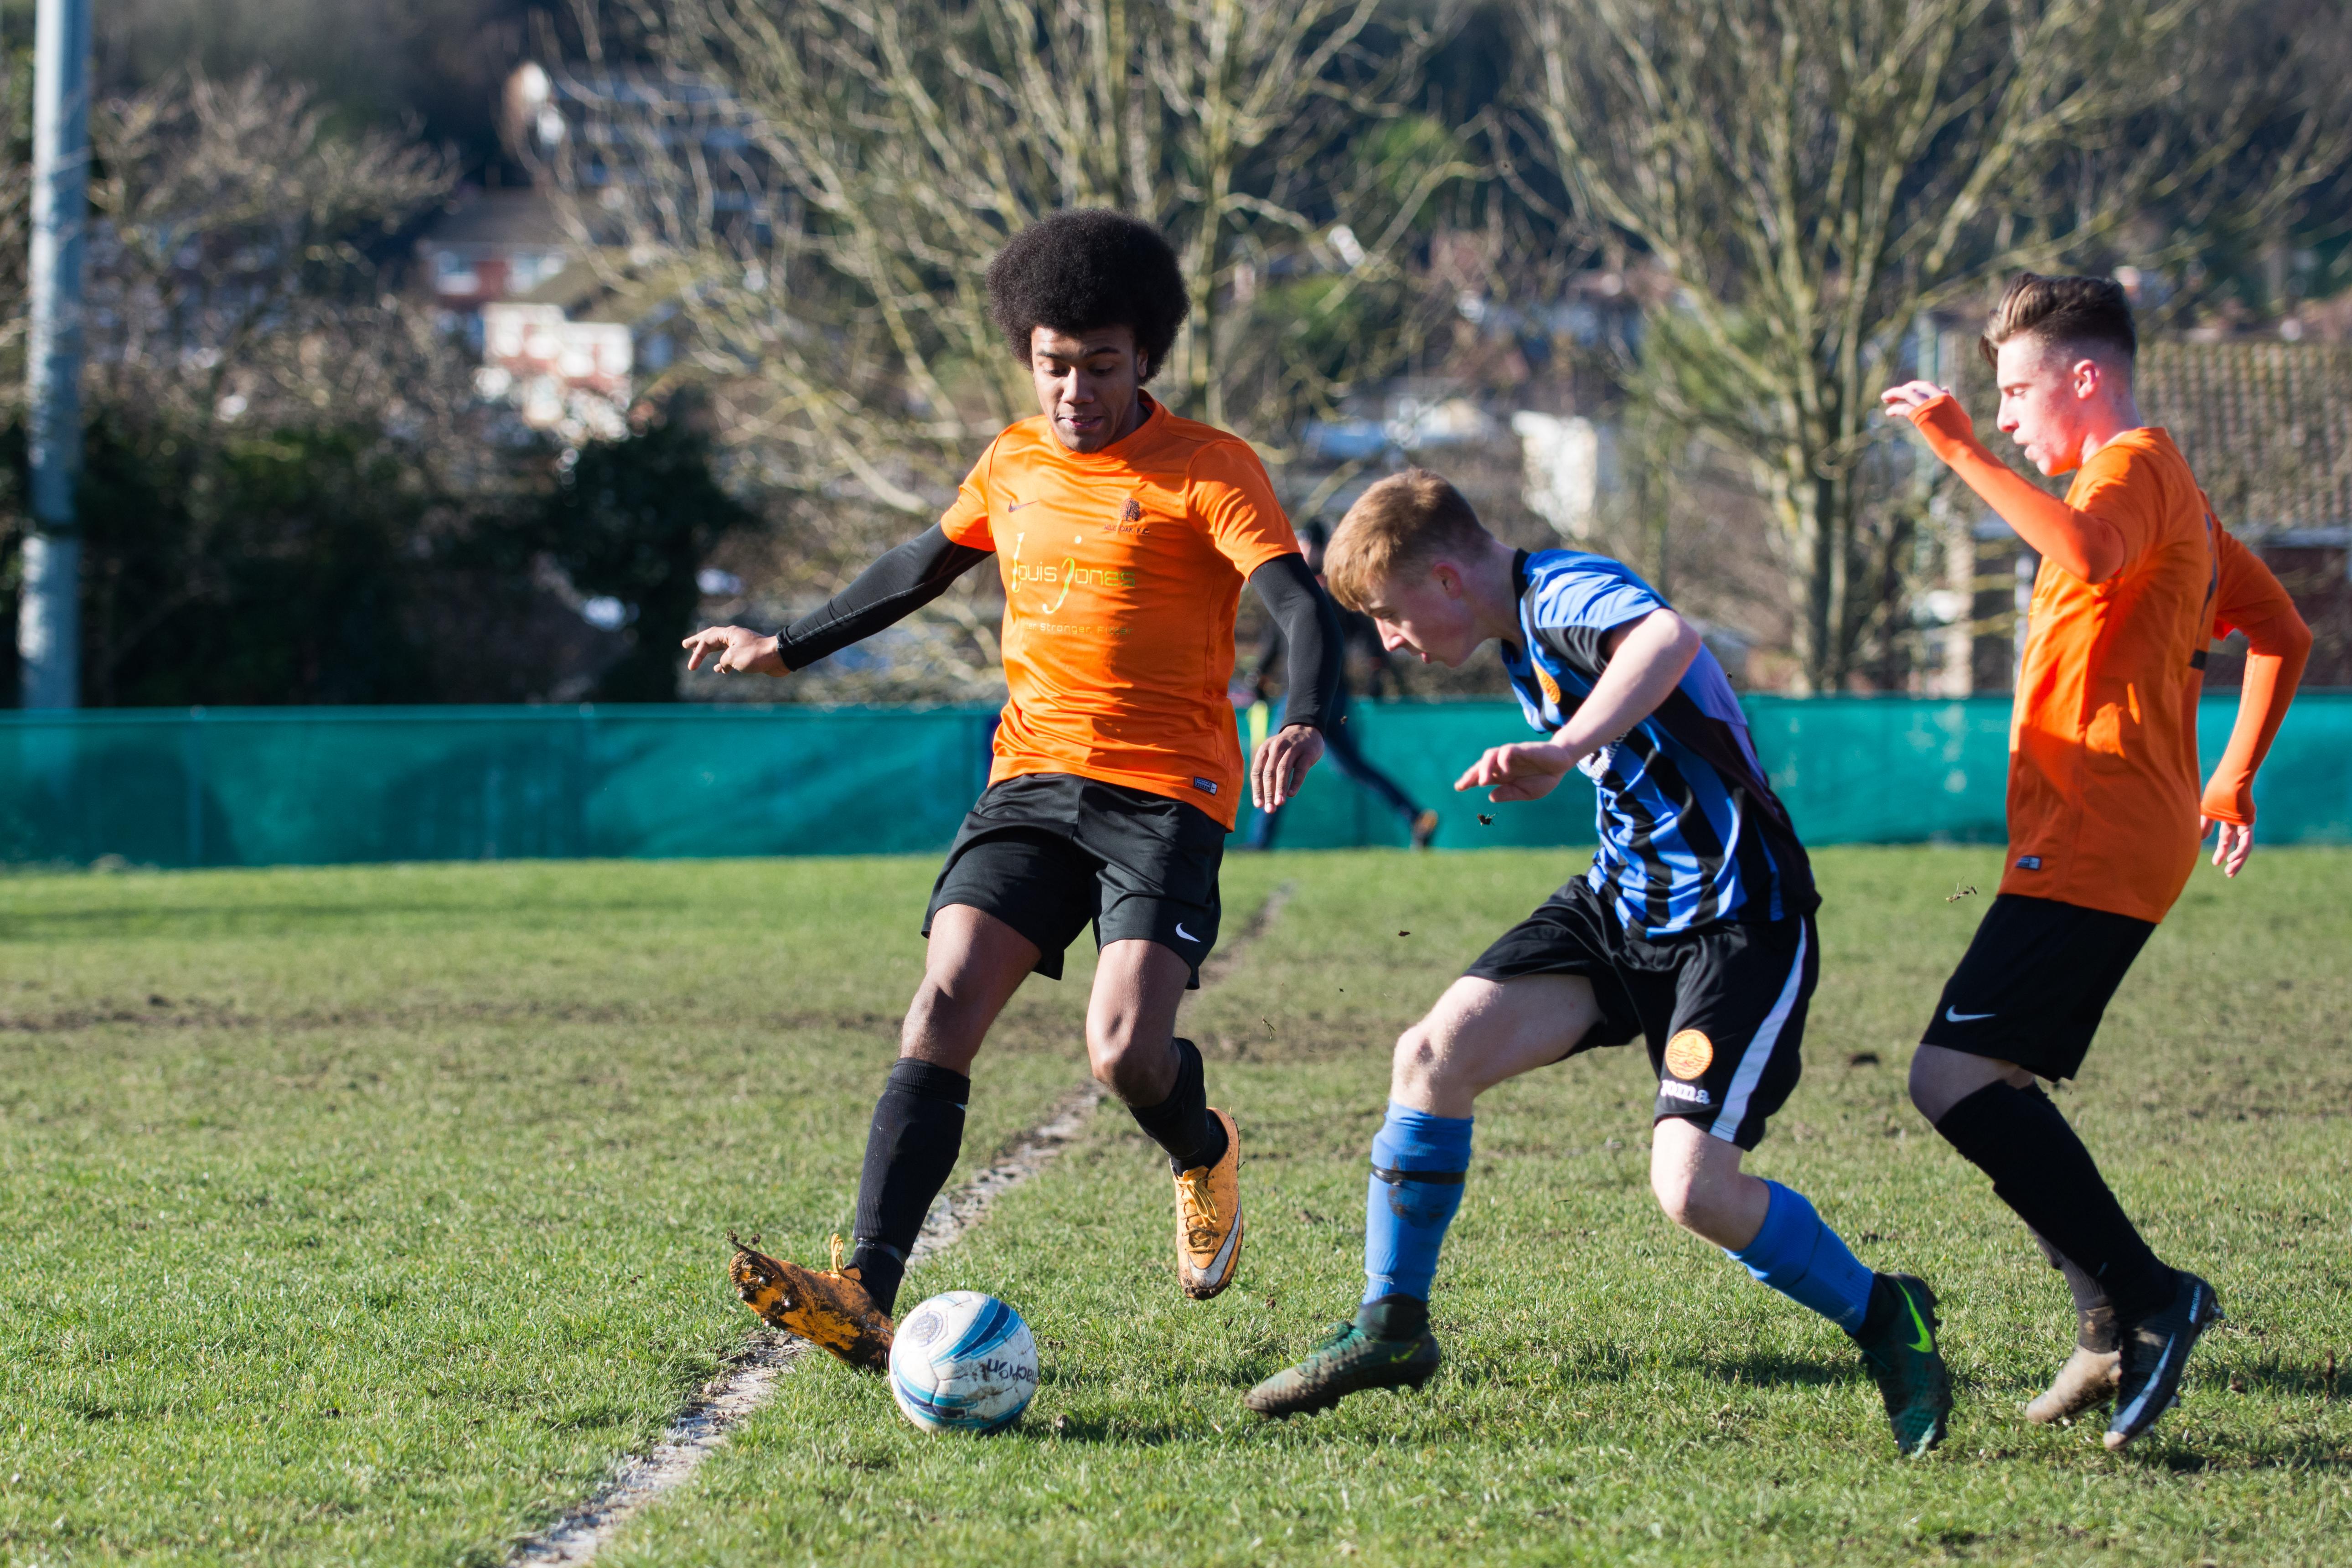 Mile Oak FC U18s vs Newhaven FC U18s 04.02.18 08